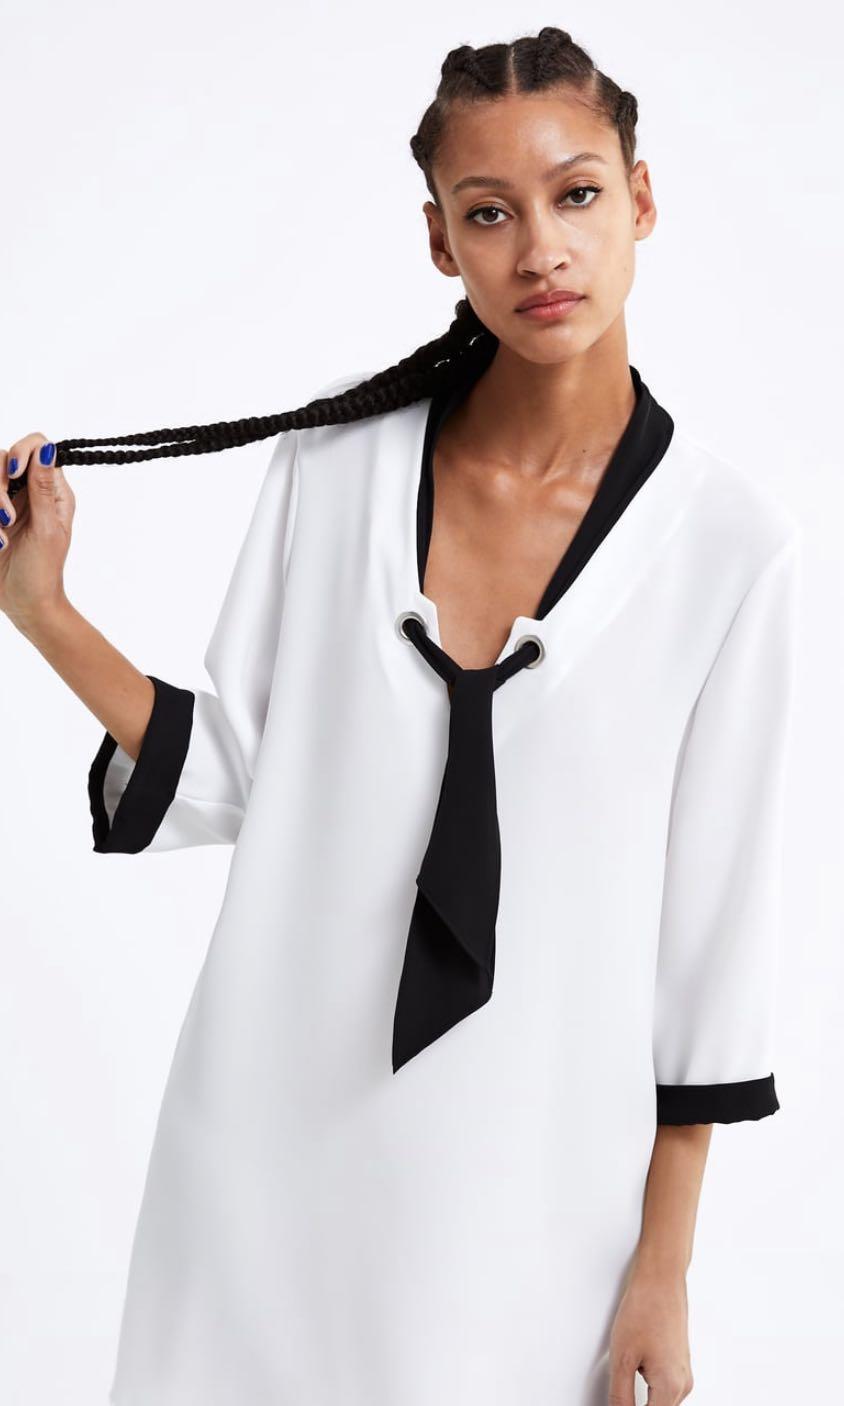 Zara dress with contrast ribbon